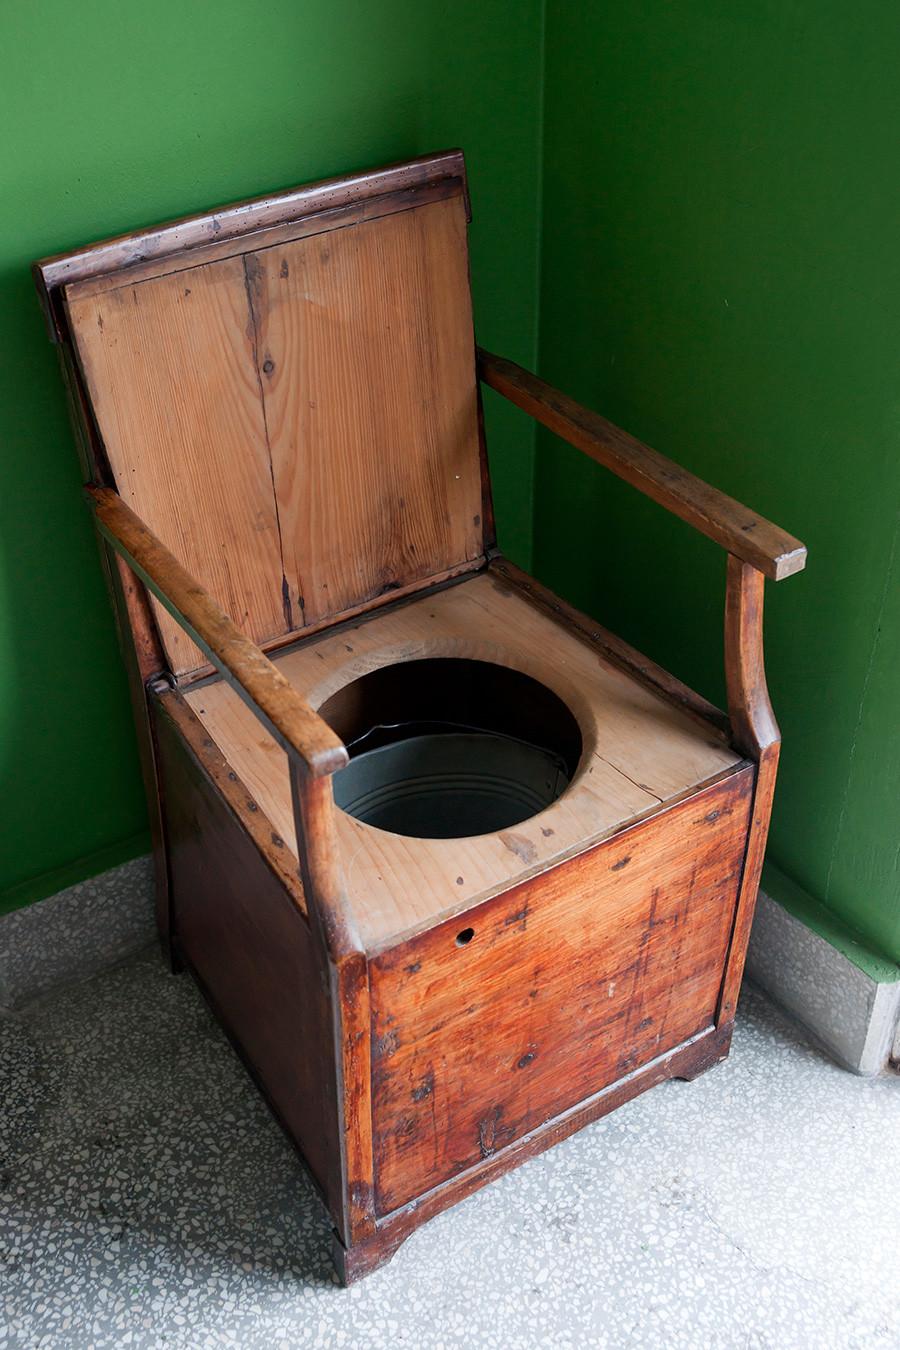 Vintage Toilette aus einem Holzsessel und einem Eimer